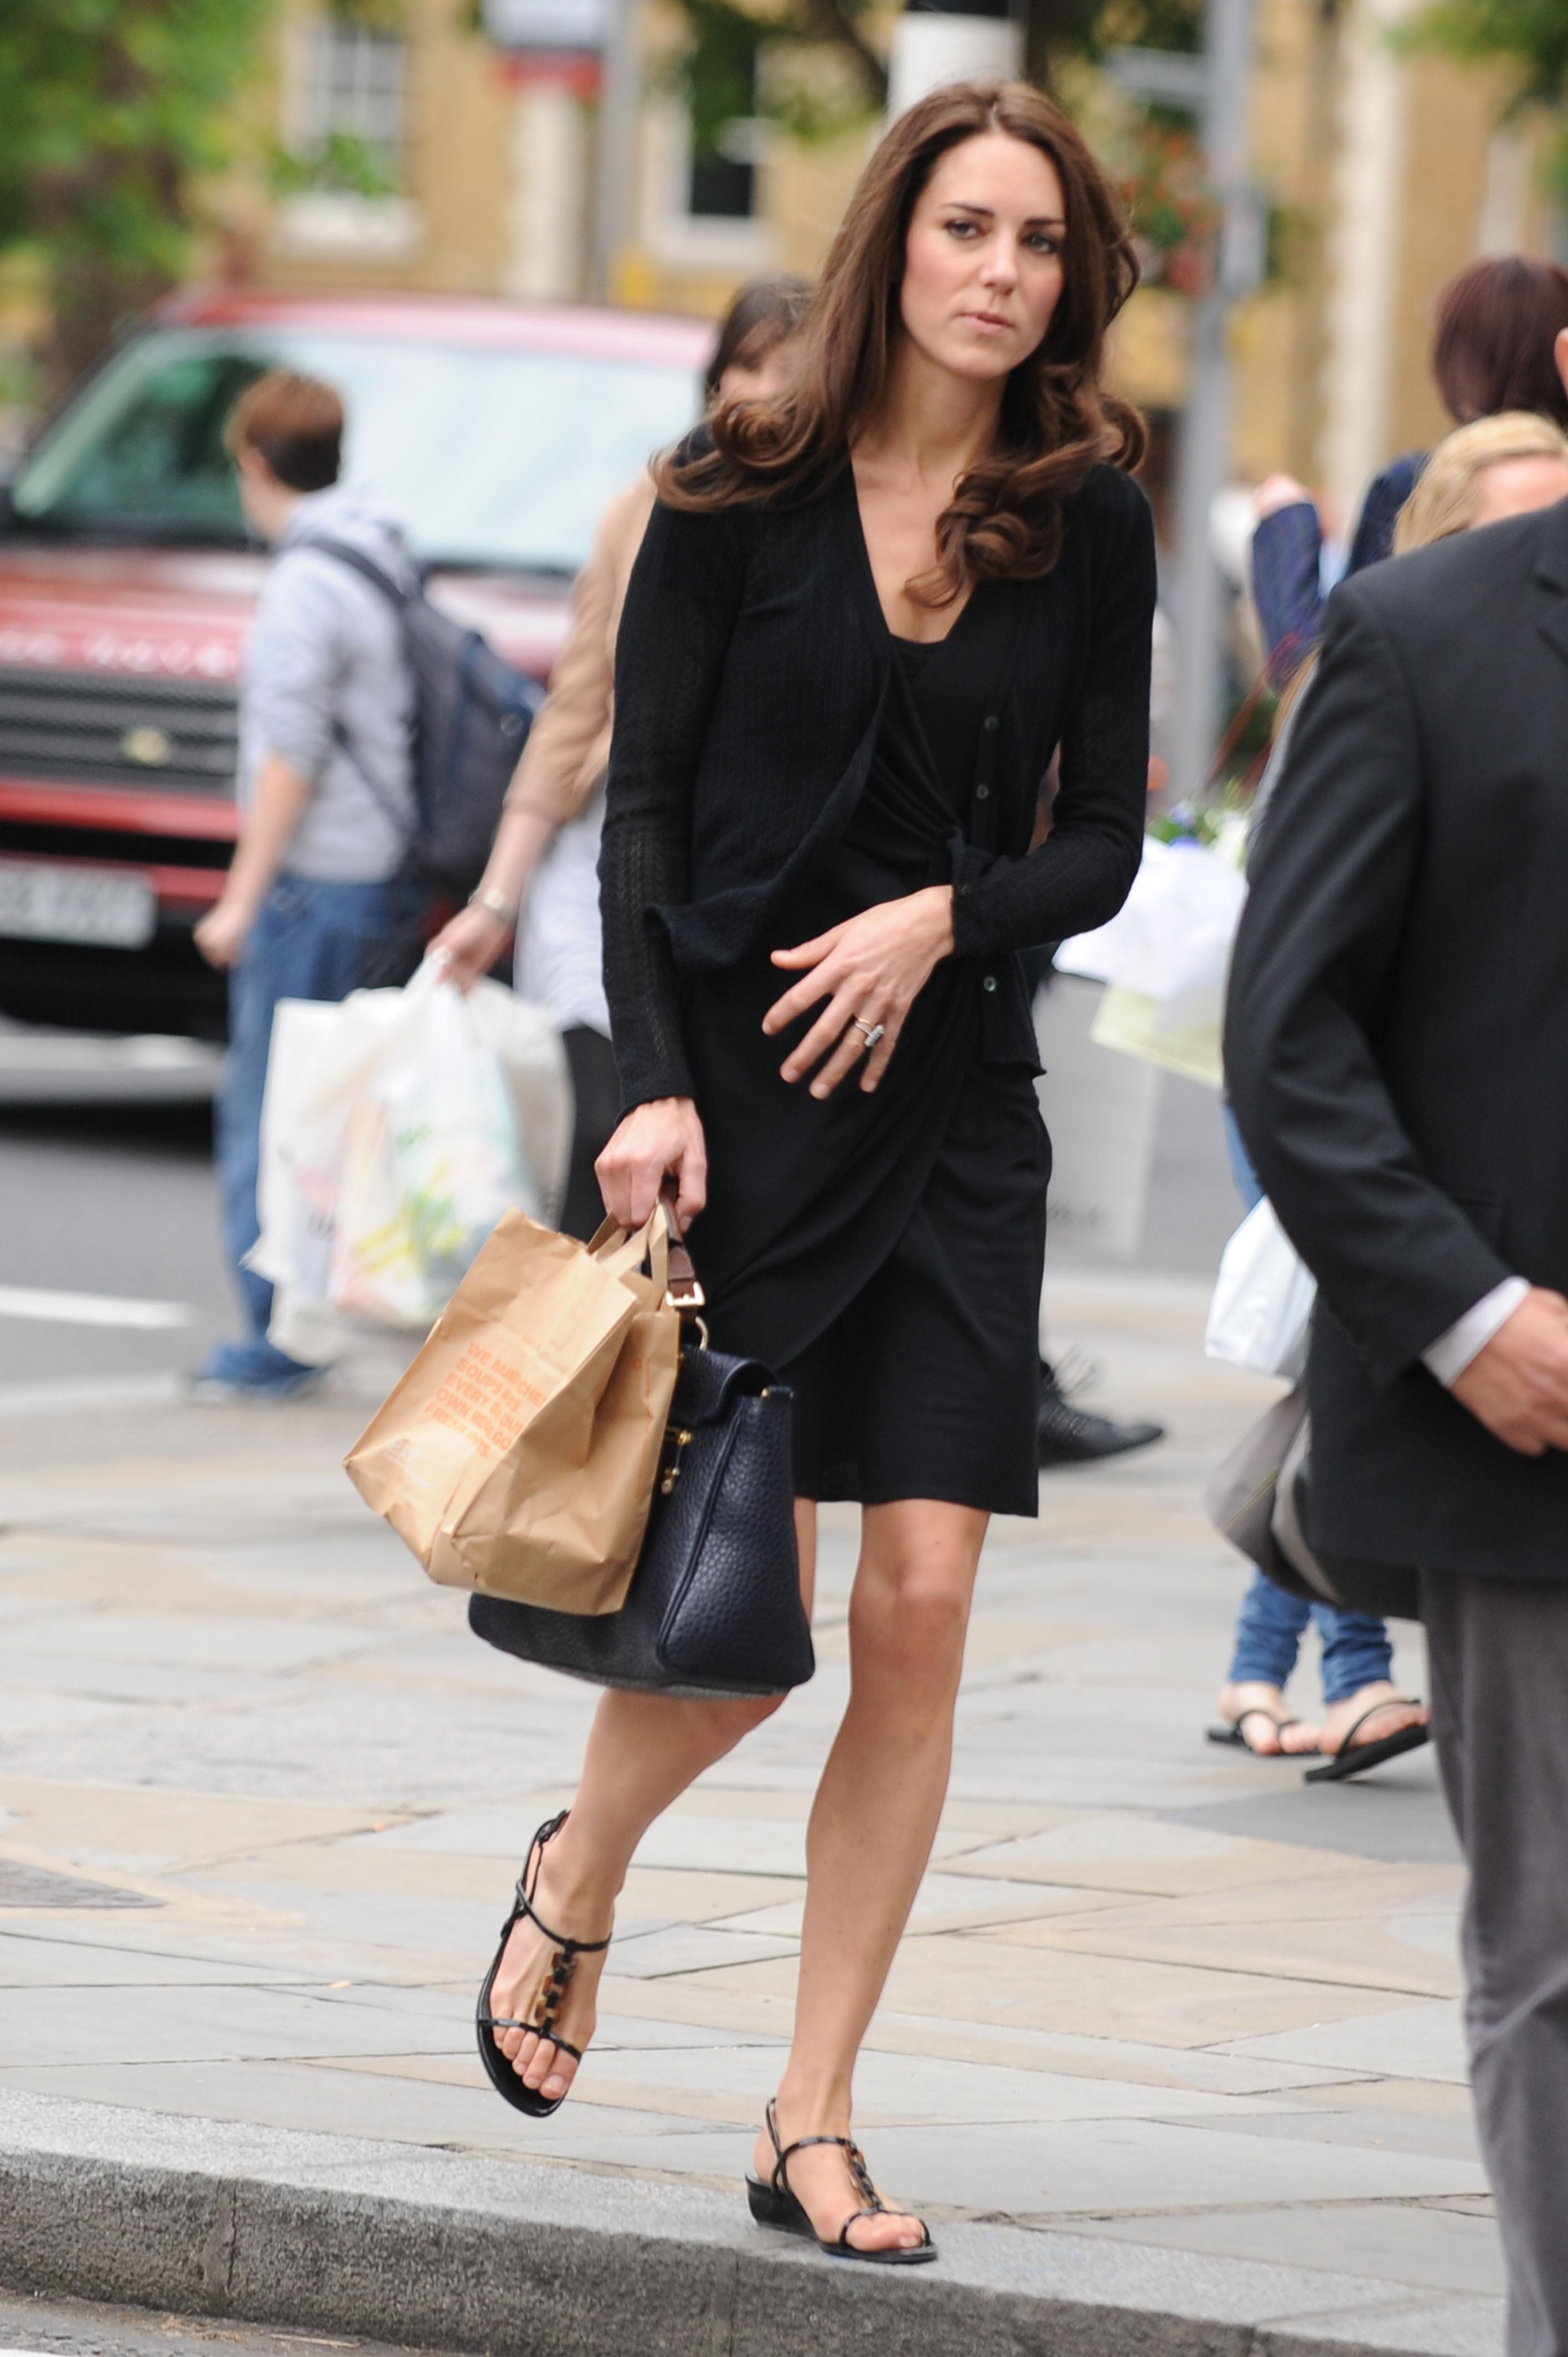 Kate Middletons Feet